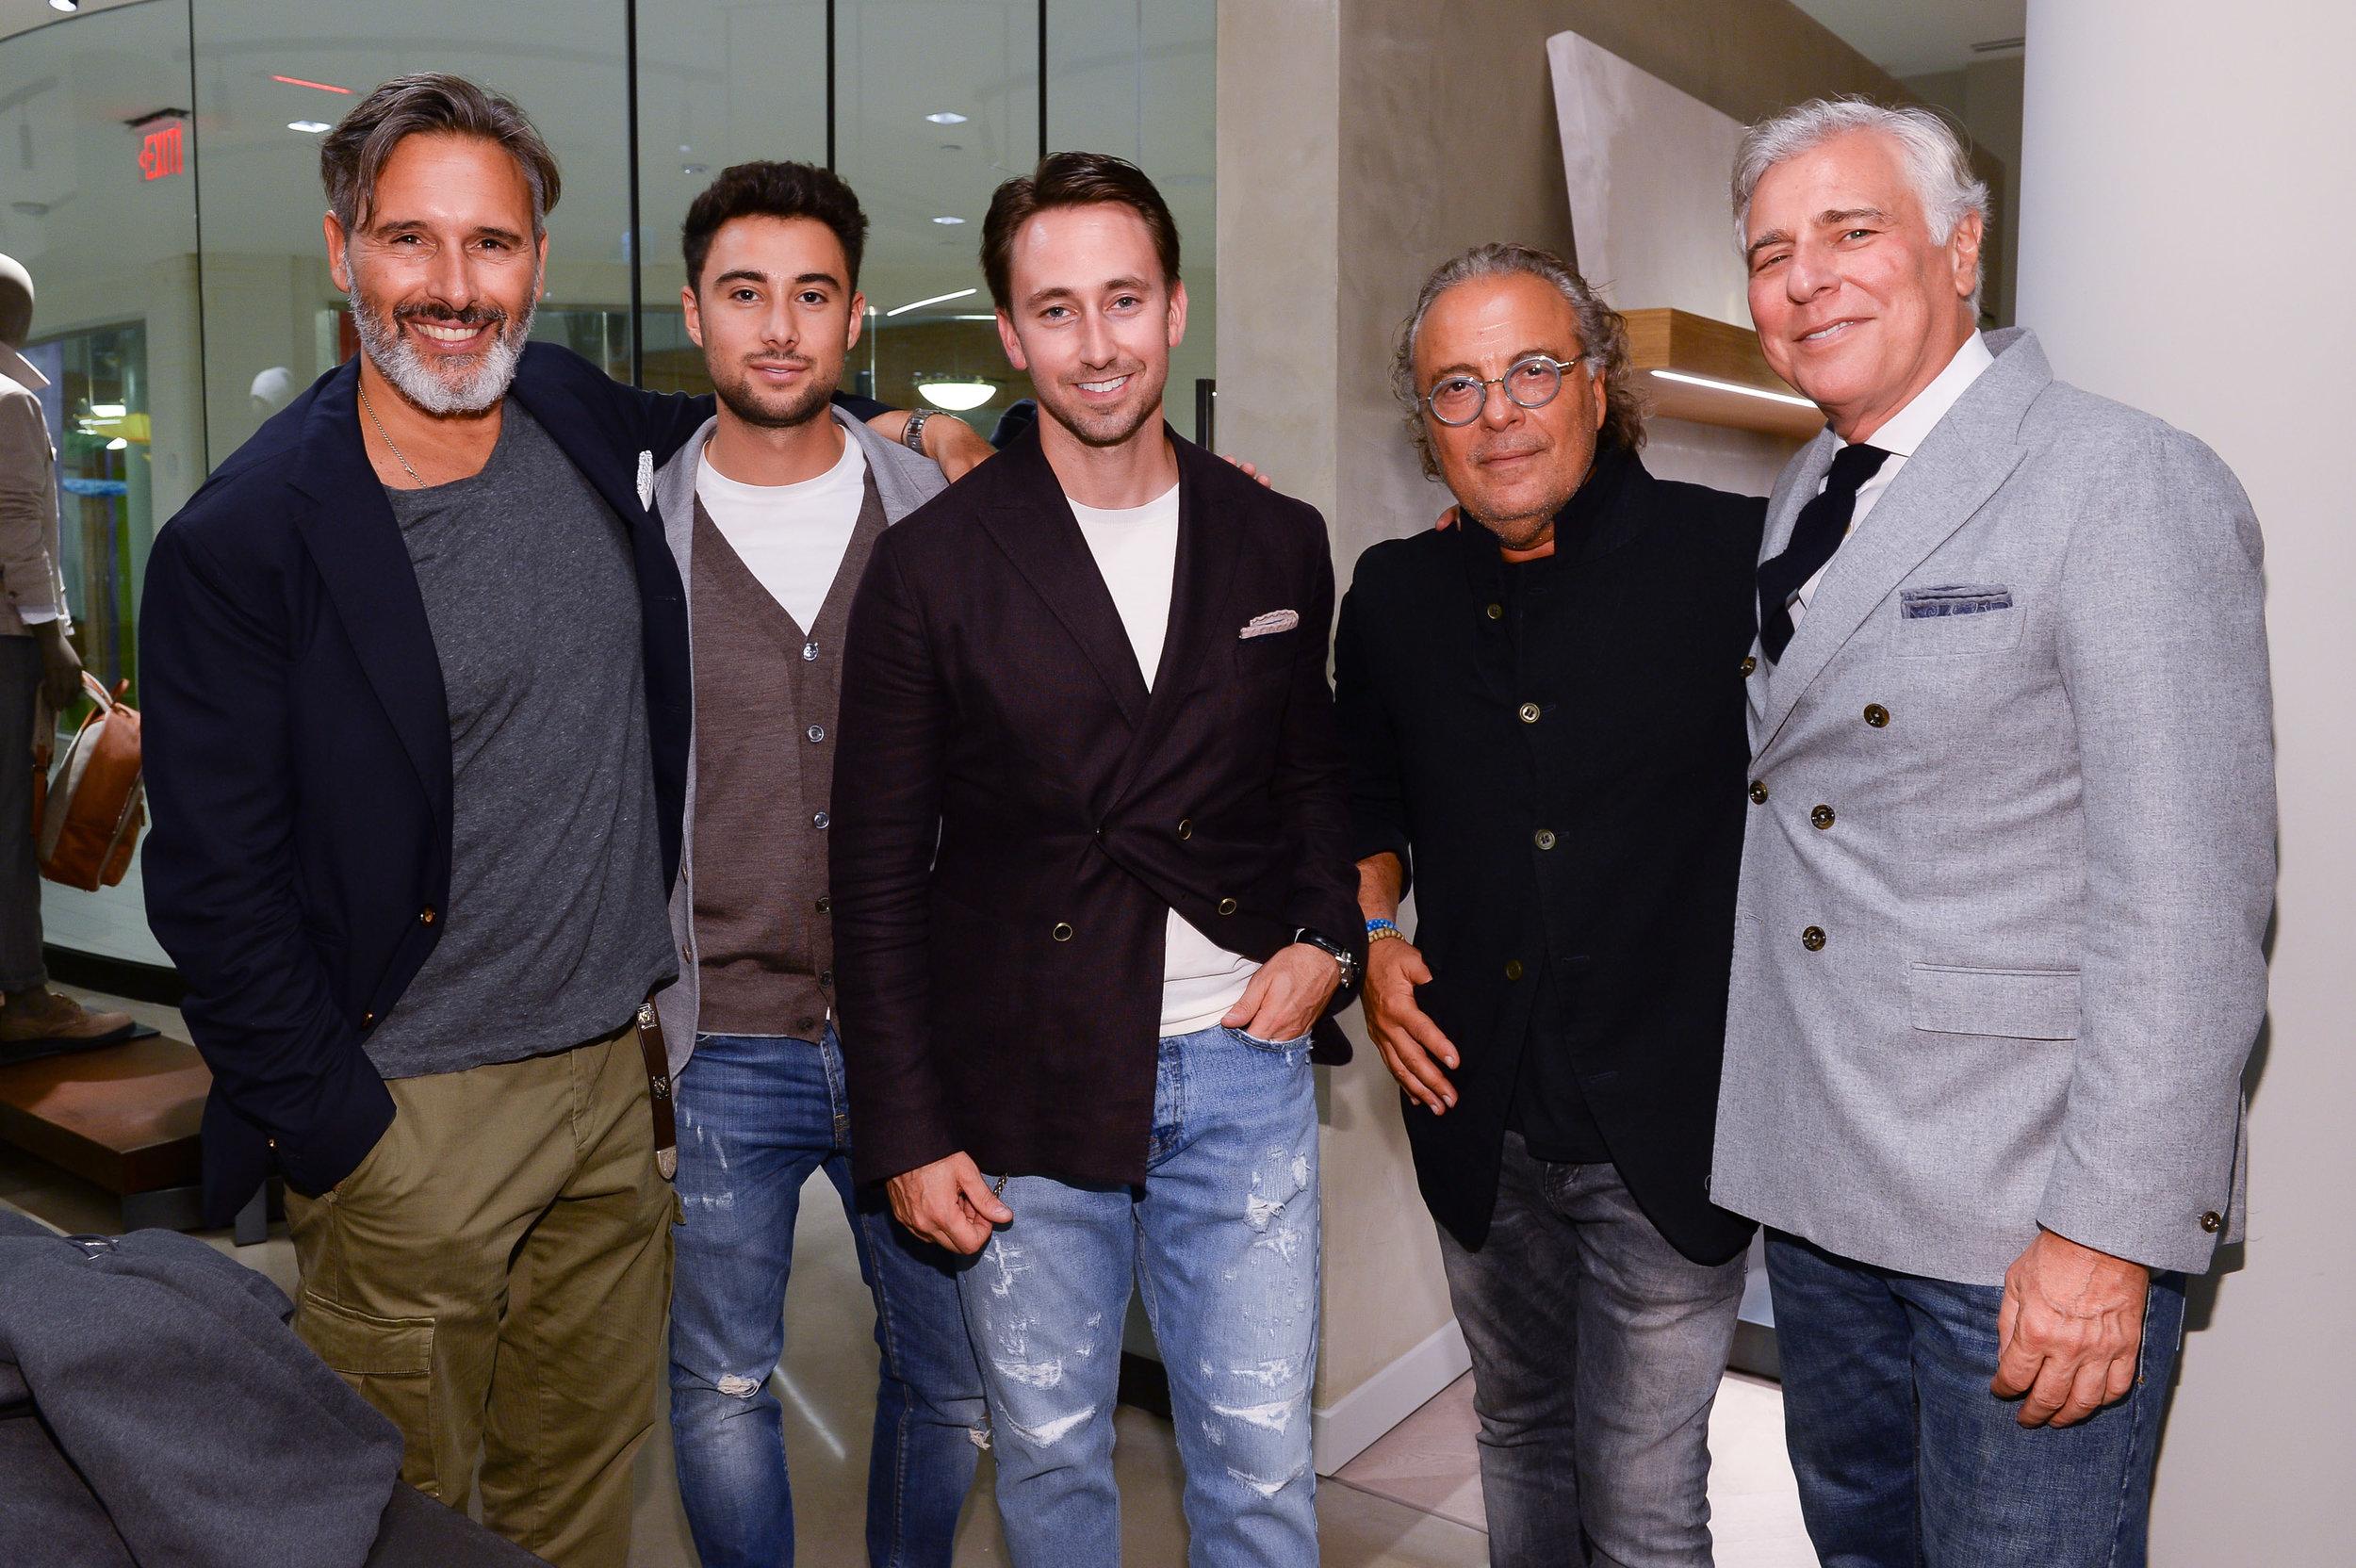 Left-to-right: Marco Baldassari, Aiden Assaraf, Geoff Schneiderman Arie Assaraf, and Earl Rotman.